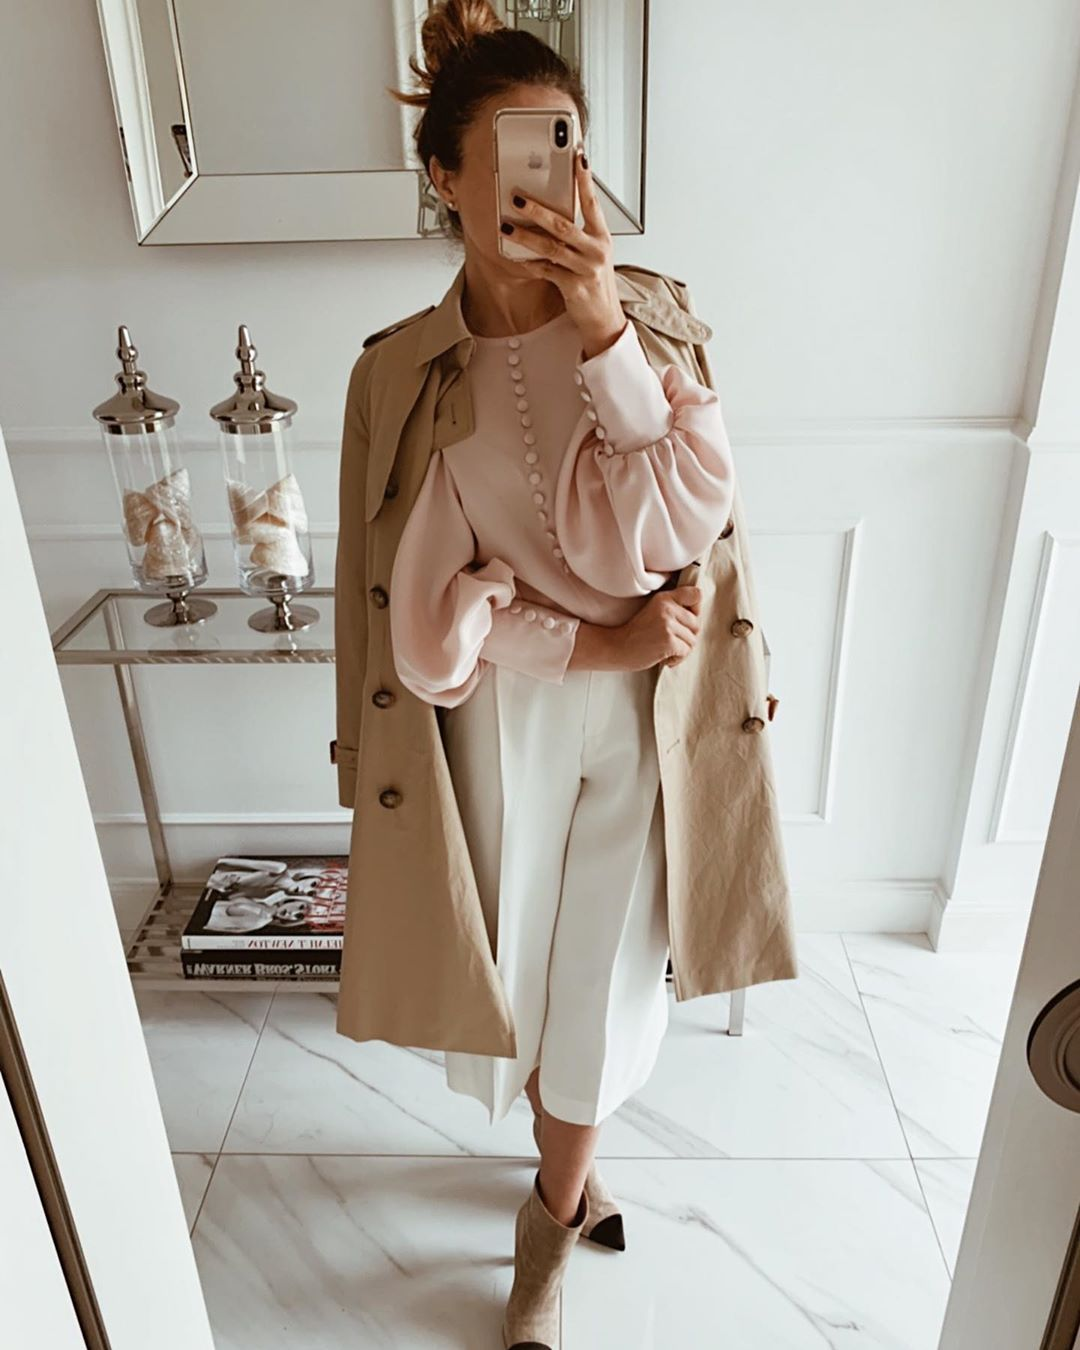 модные образы для деловых женщин осени 2019 фото 11